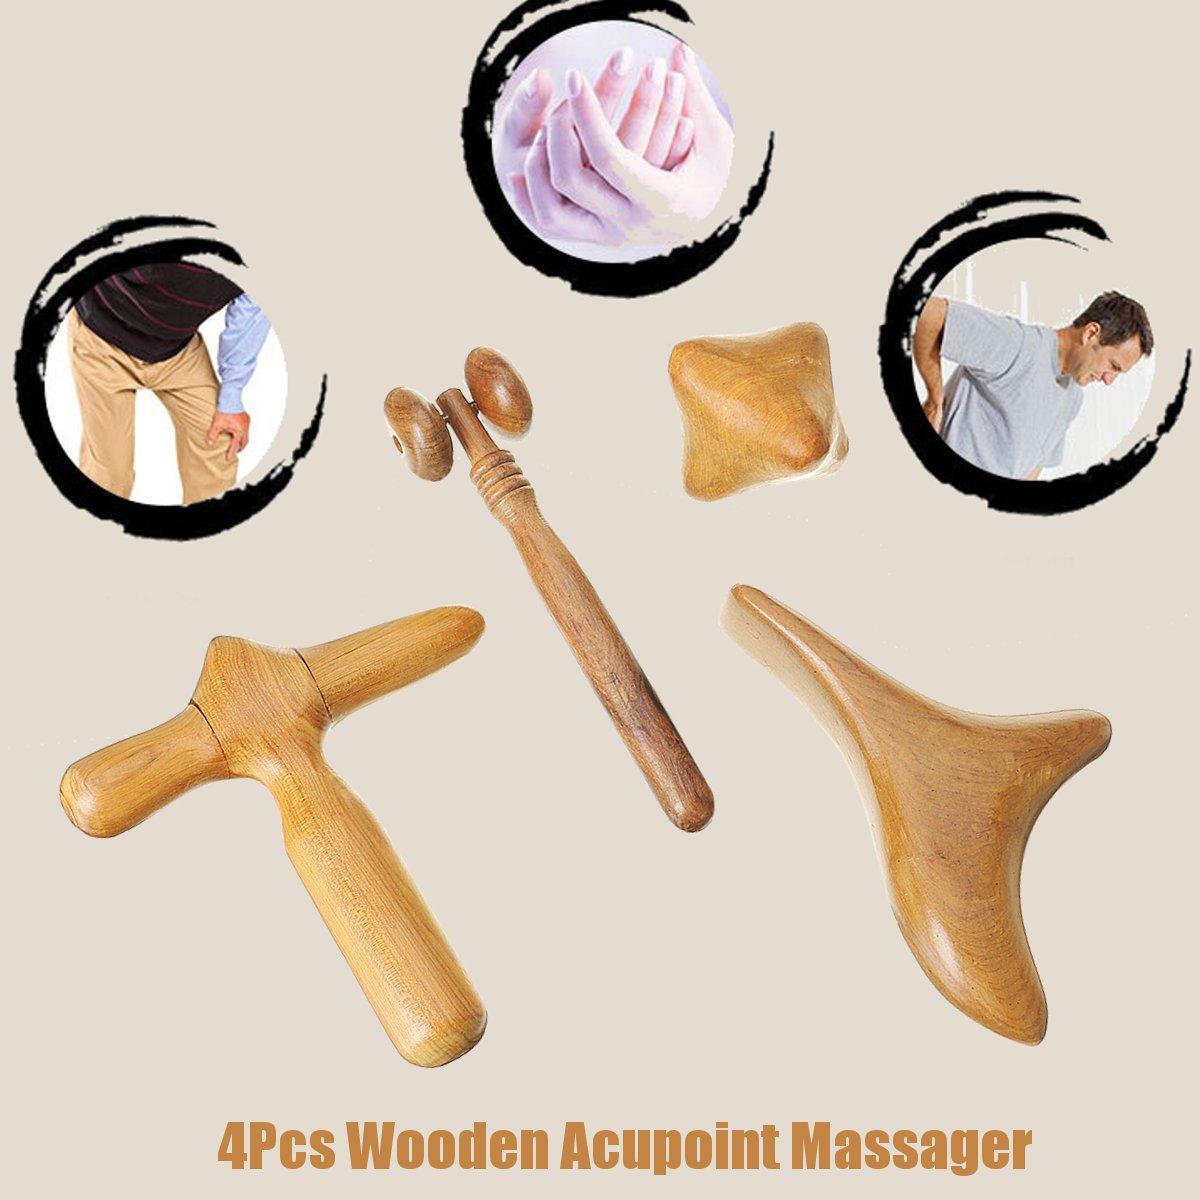 4шт деревянный массажер Acupoint Здоровье уход терапия для тела Relax Ролик Инструмент Set